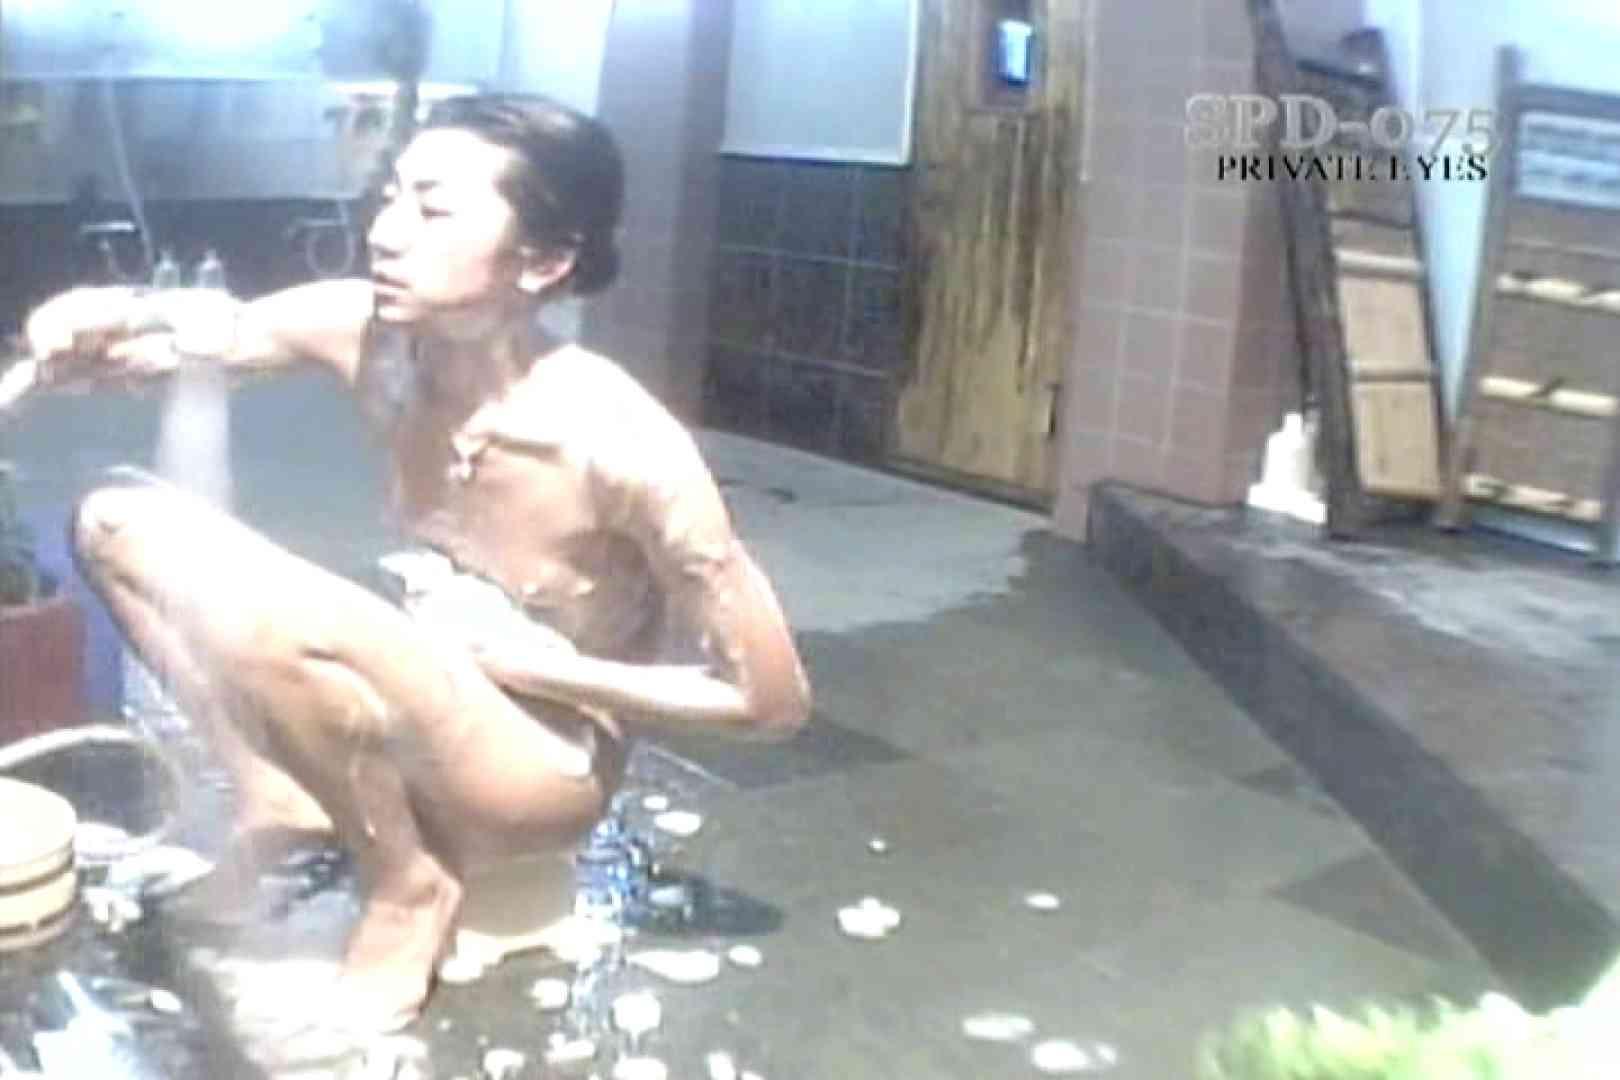 高画質版!SPD-075 脱衣所から洗面所まで 9カメ追跡盗撮 0  62連発 32